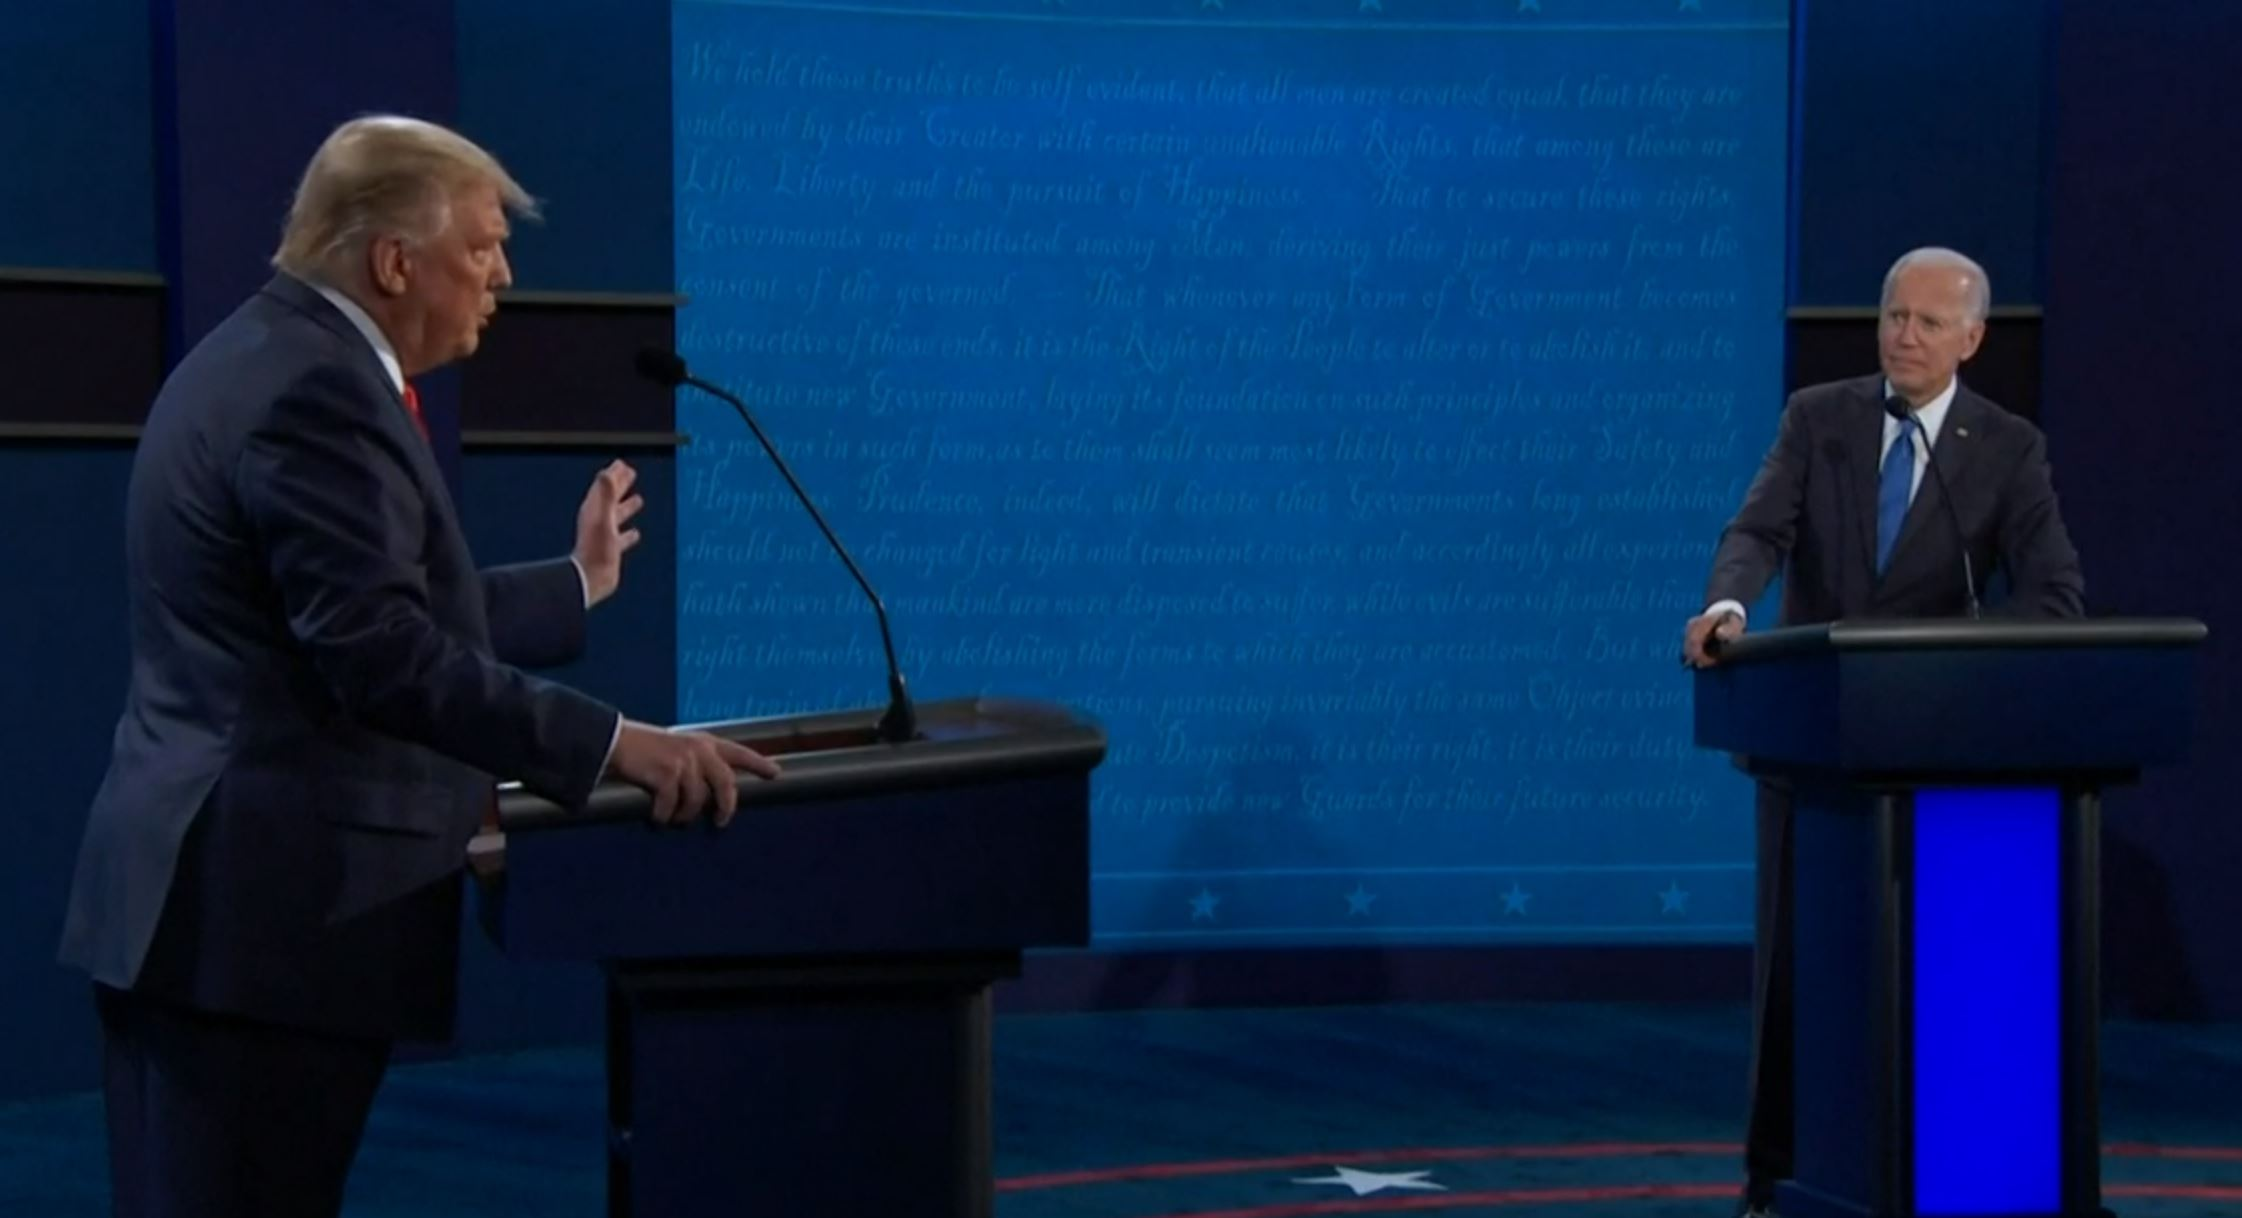 El debate presidencial entre Trump y Biden se llevó a cabo de manera más mesurada